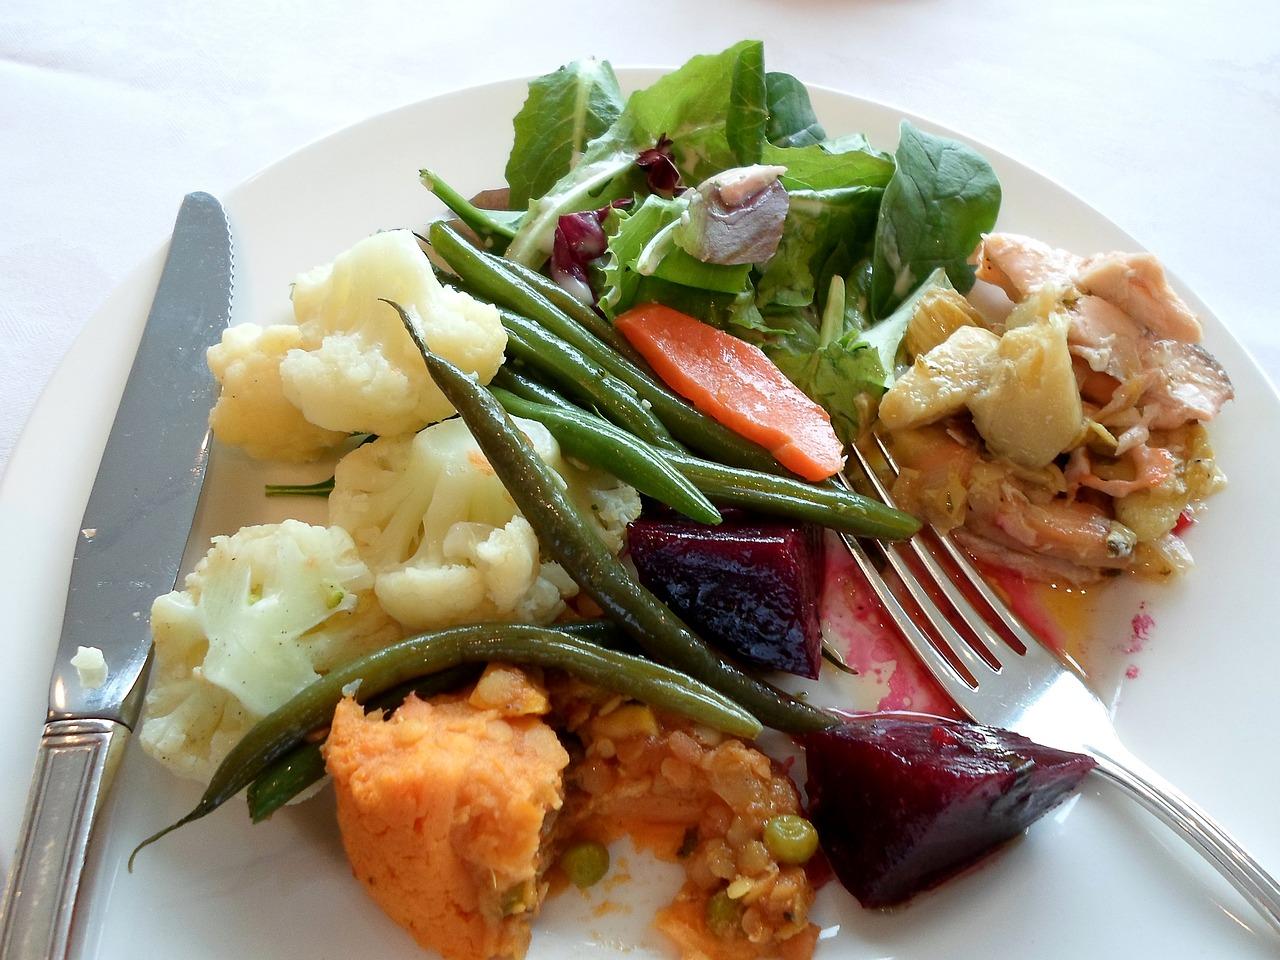 Food Plate Eating | eating, food, cuisine, girl,